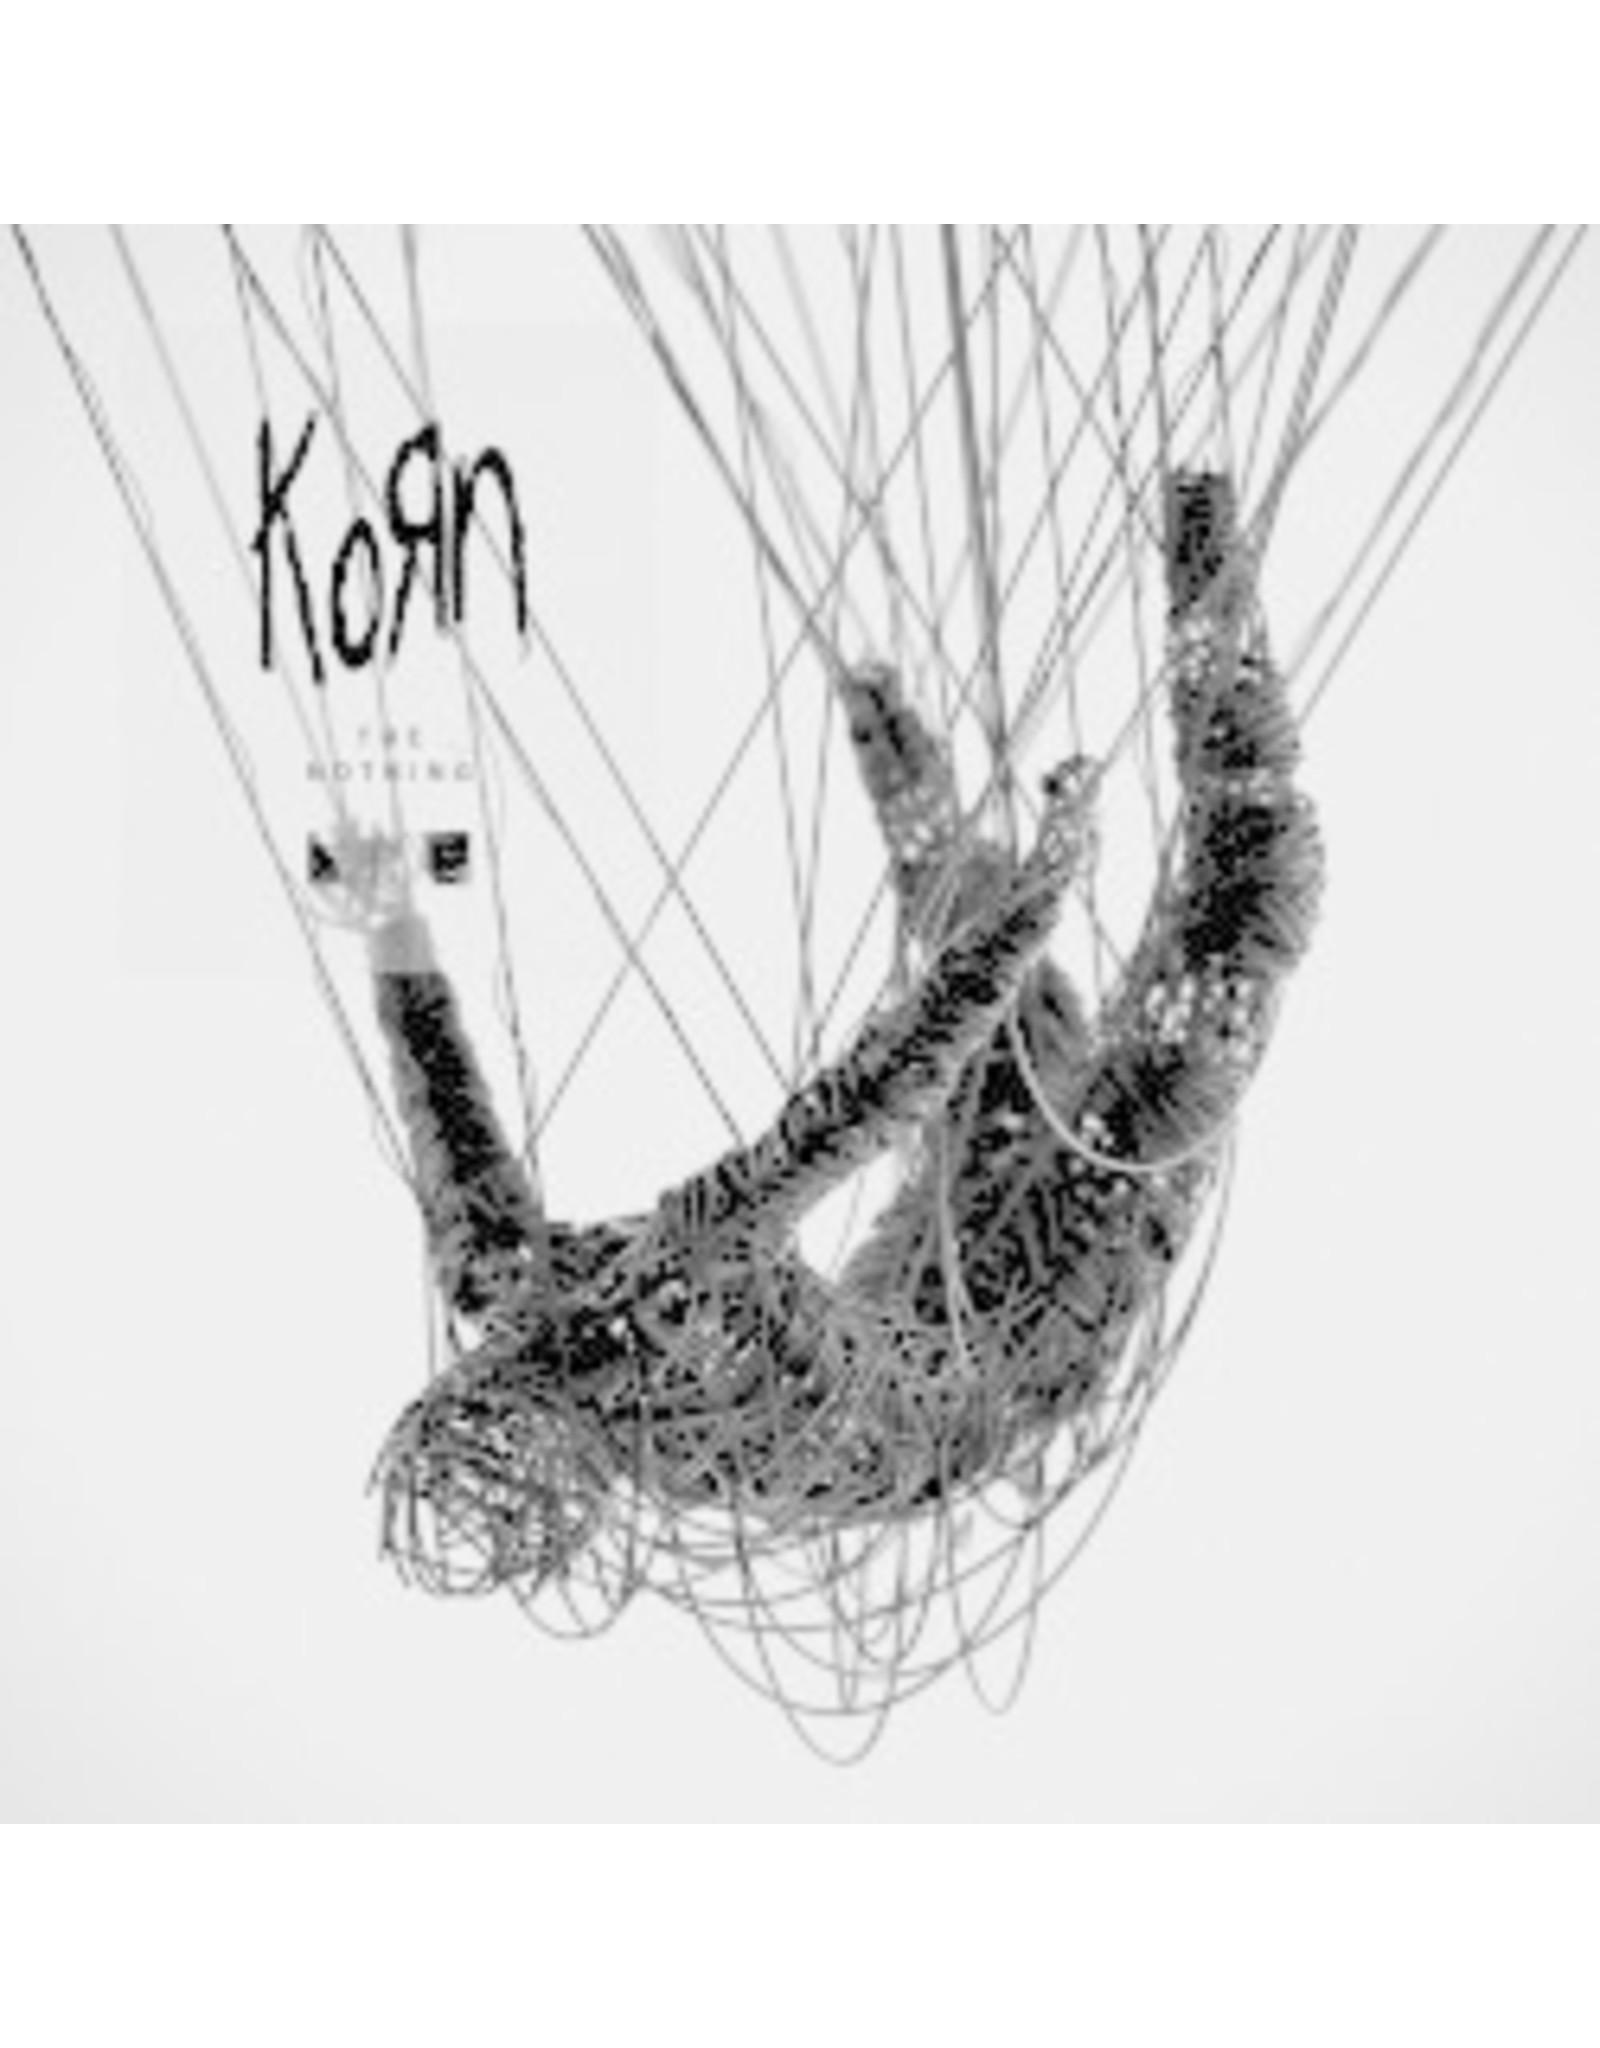 Korn - Nothing LP